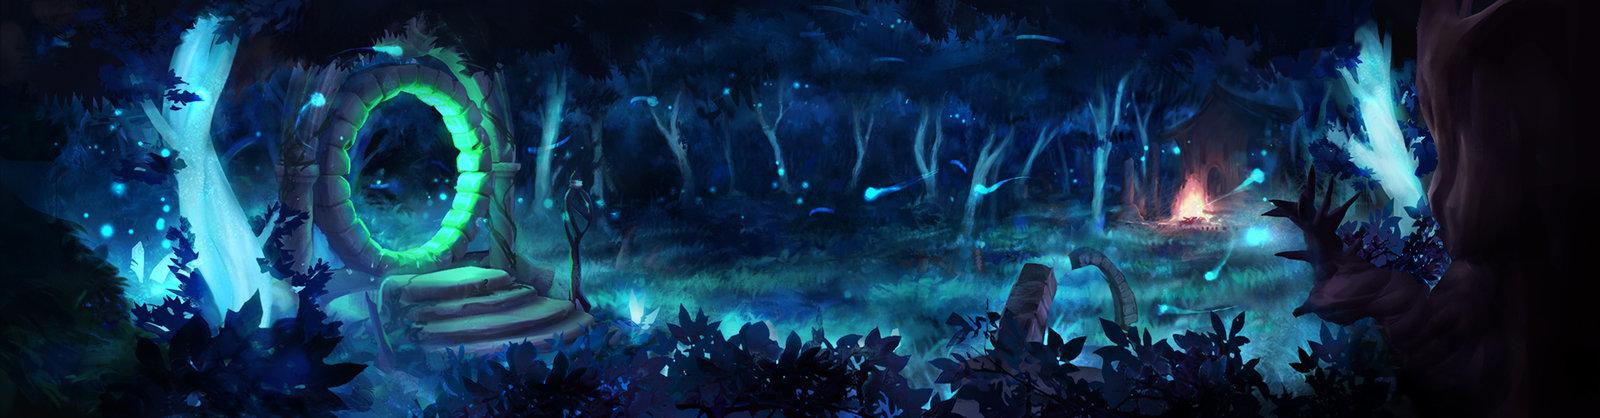 Runescape - Seren Quest